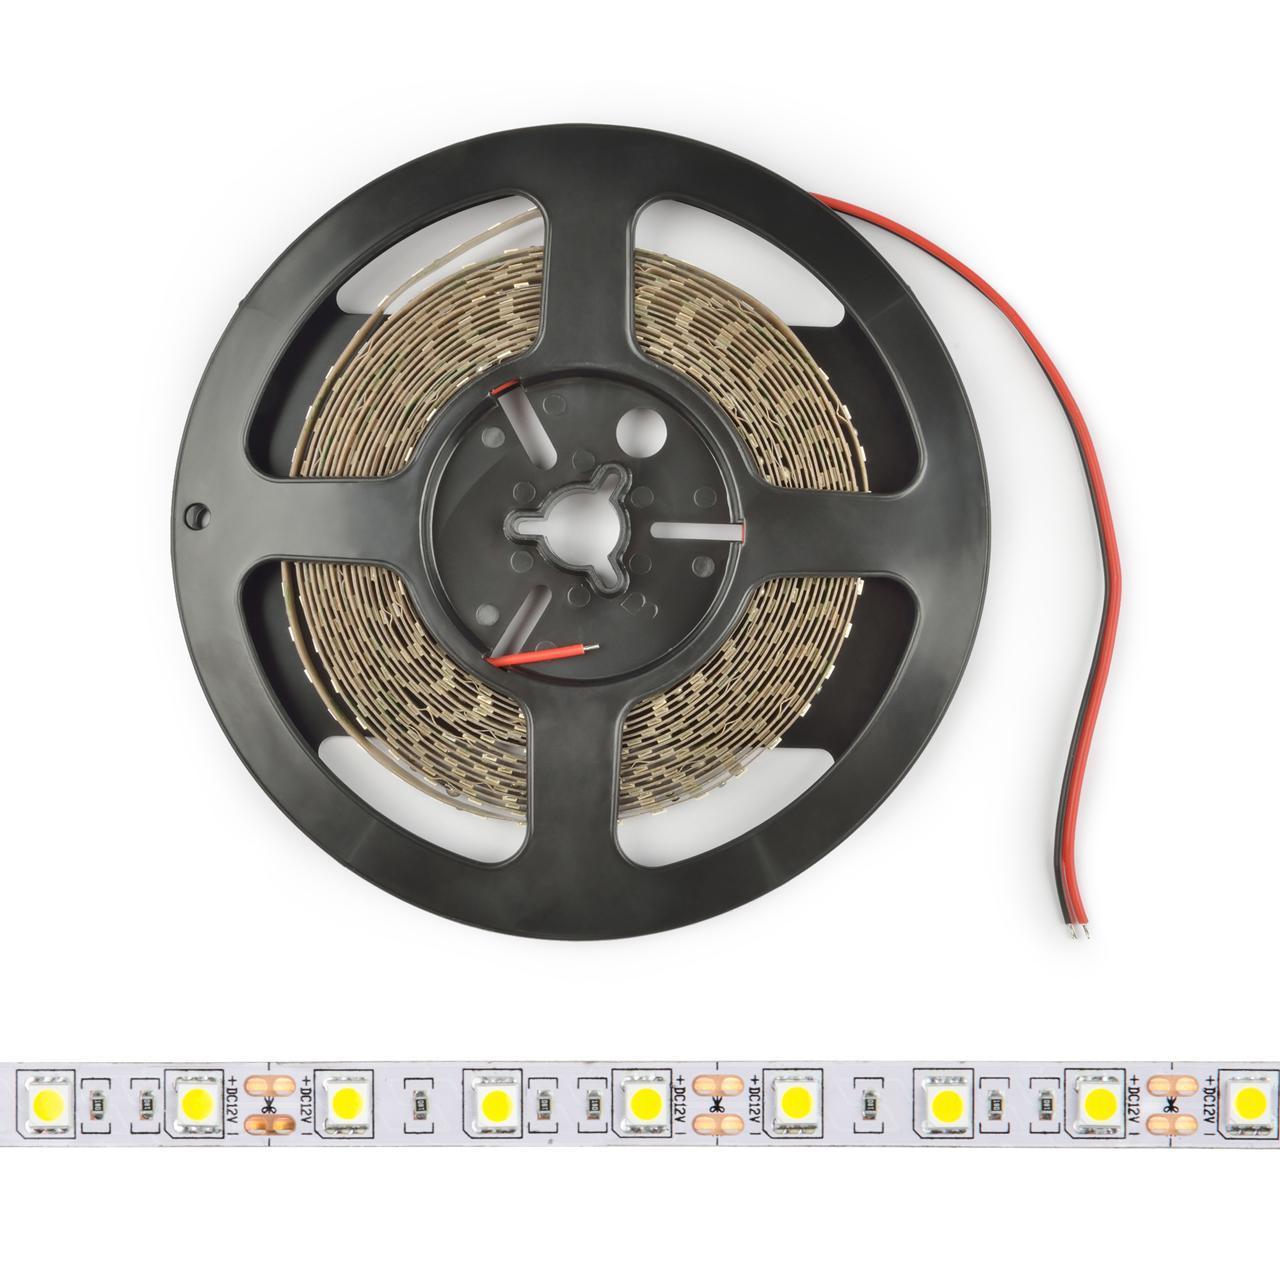 Светодиодная лента Uniel ULS-M22-5050-30LED/m-10mm-IP20-DC12V-7,2W/m-5M-6500K PROFI лента светодиодная uls 5050 30led m 10mm ip20 dc12v 7 2w m 5m green катушка в герметичной упаковке 4805